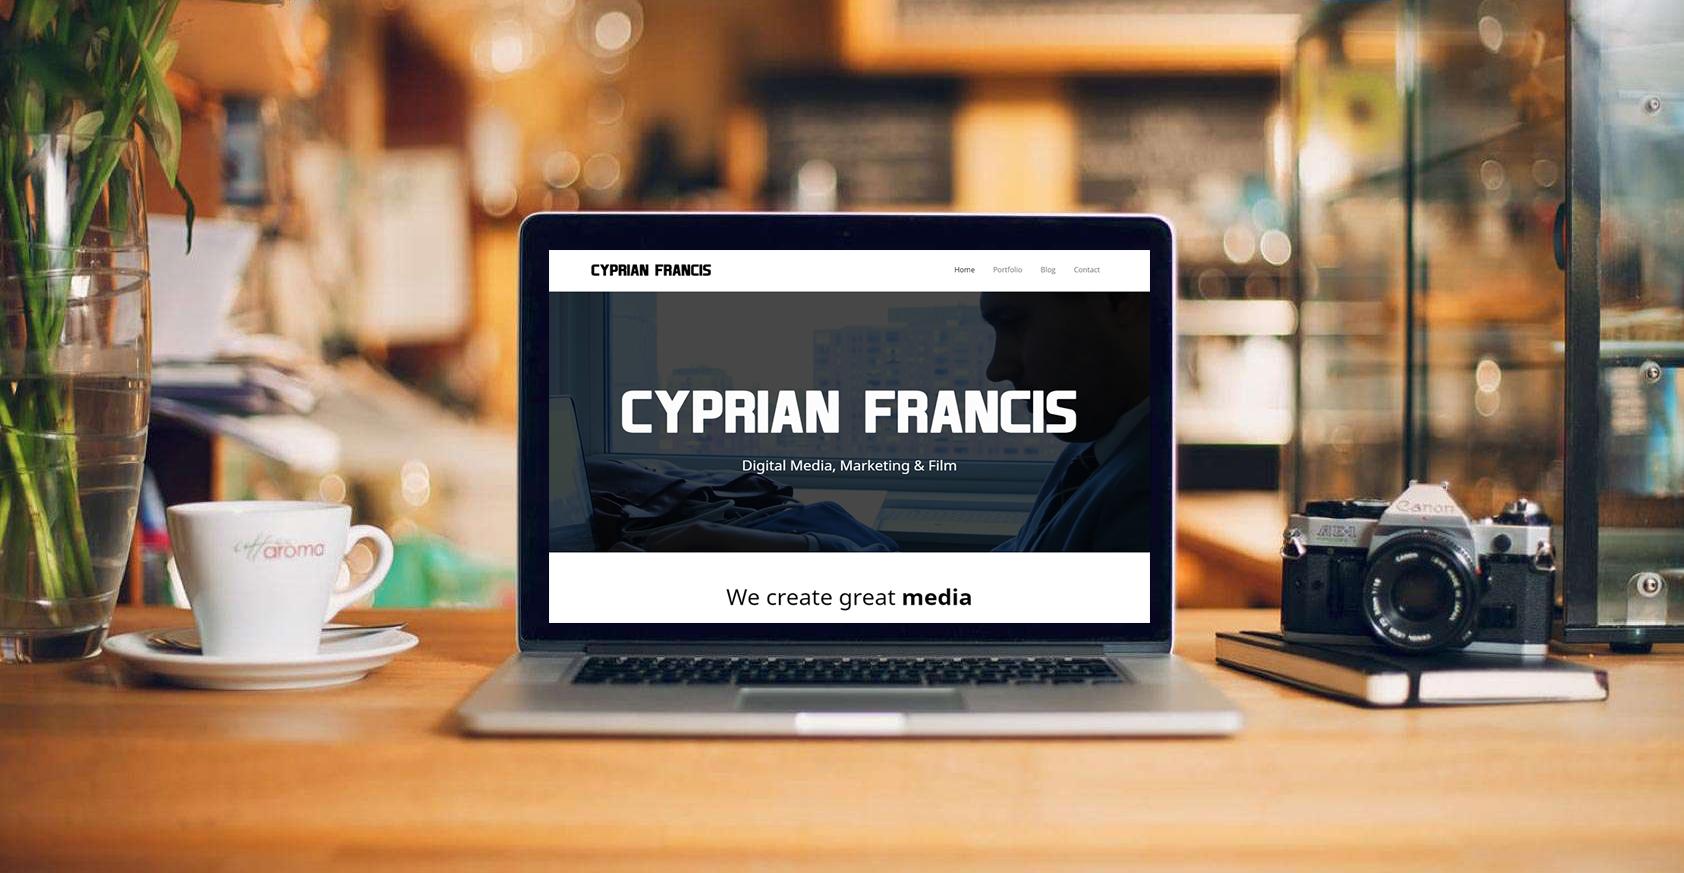 Cyprian Francis